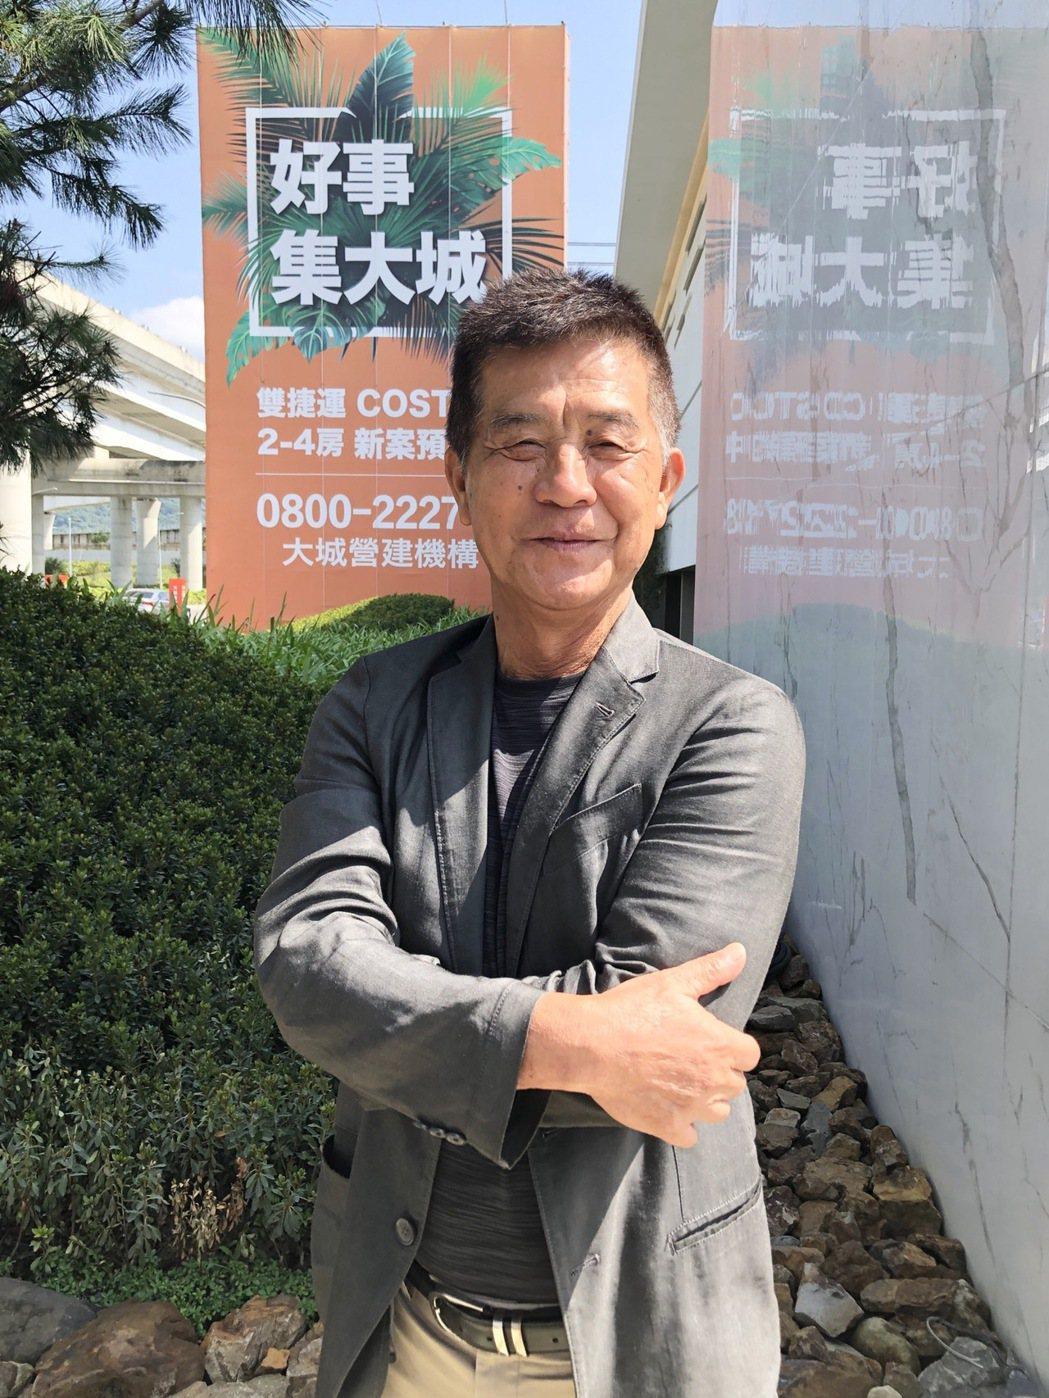 亞銳士董事長賴源釗表示,928檔期進場的「大城樂好事」,短短兩週賣出上百戶,銷售...